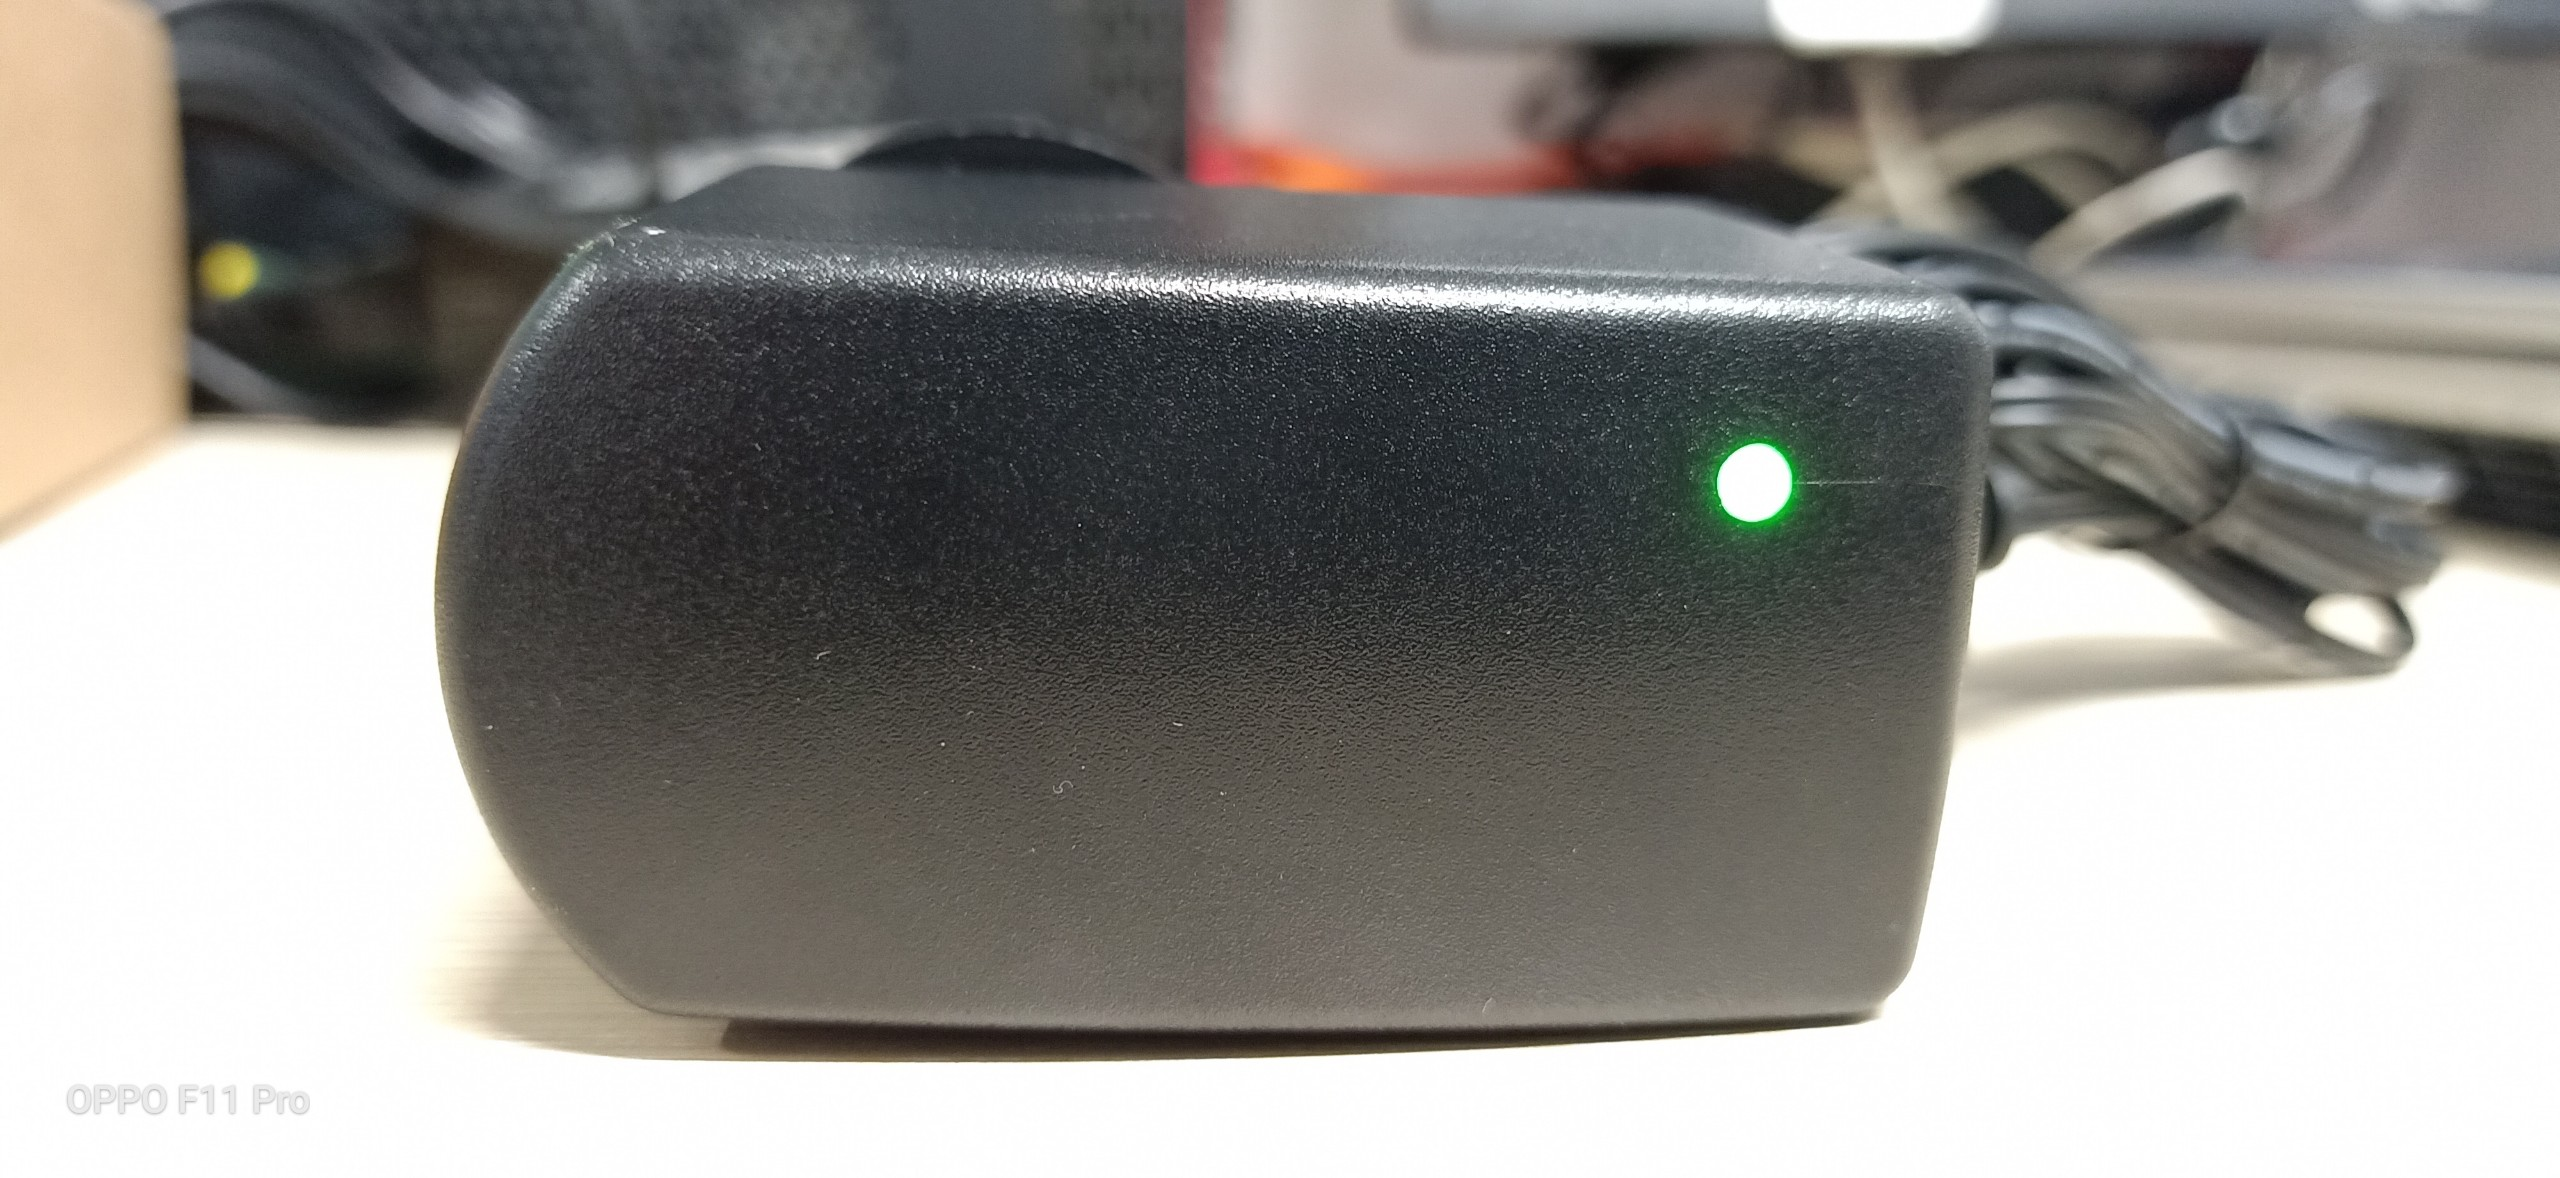 Nguồn Adapter 12V-1.5A Moso loại tốt có đèn led cảnh báo